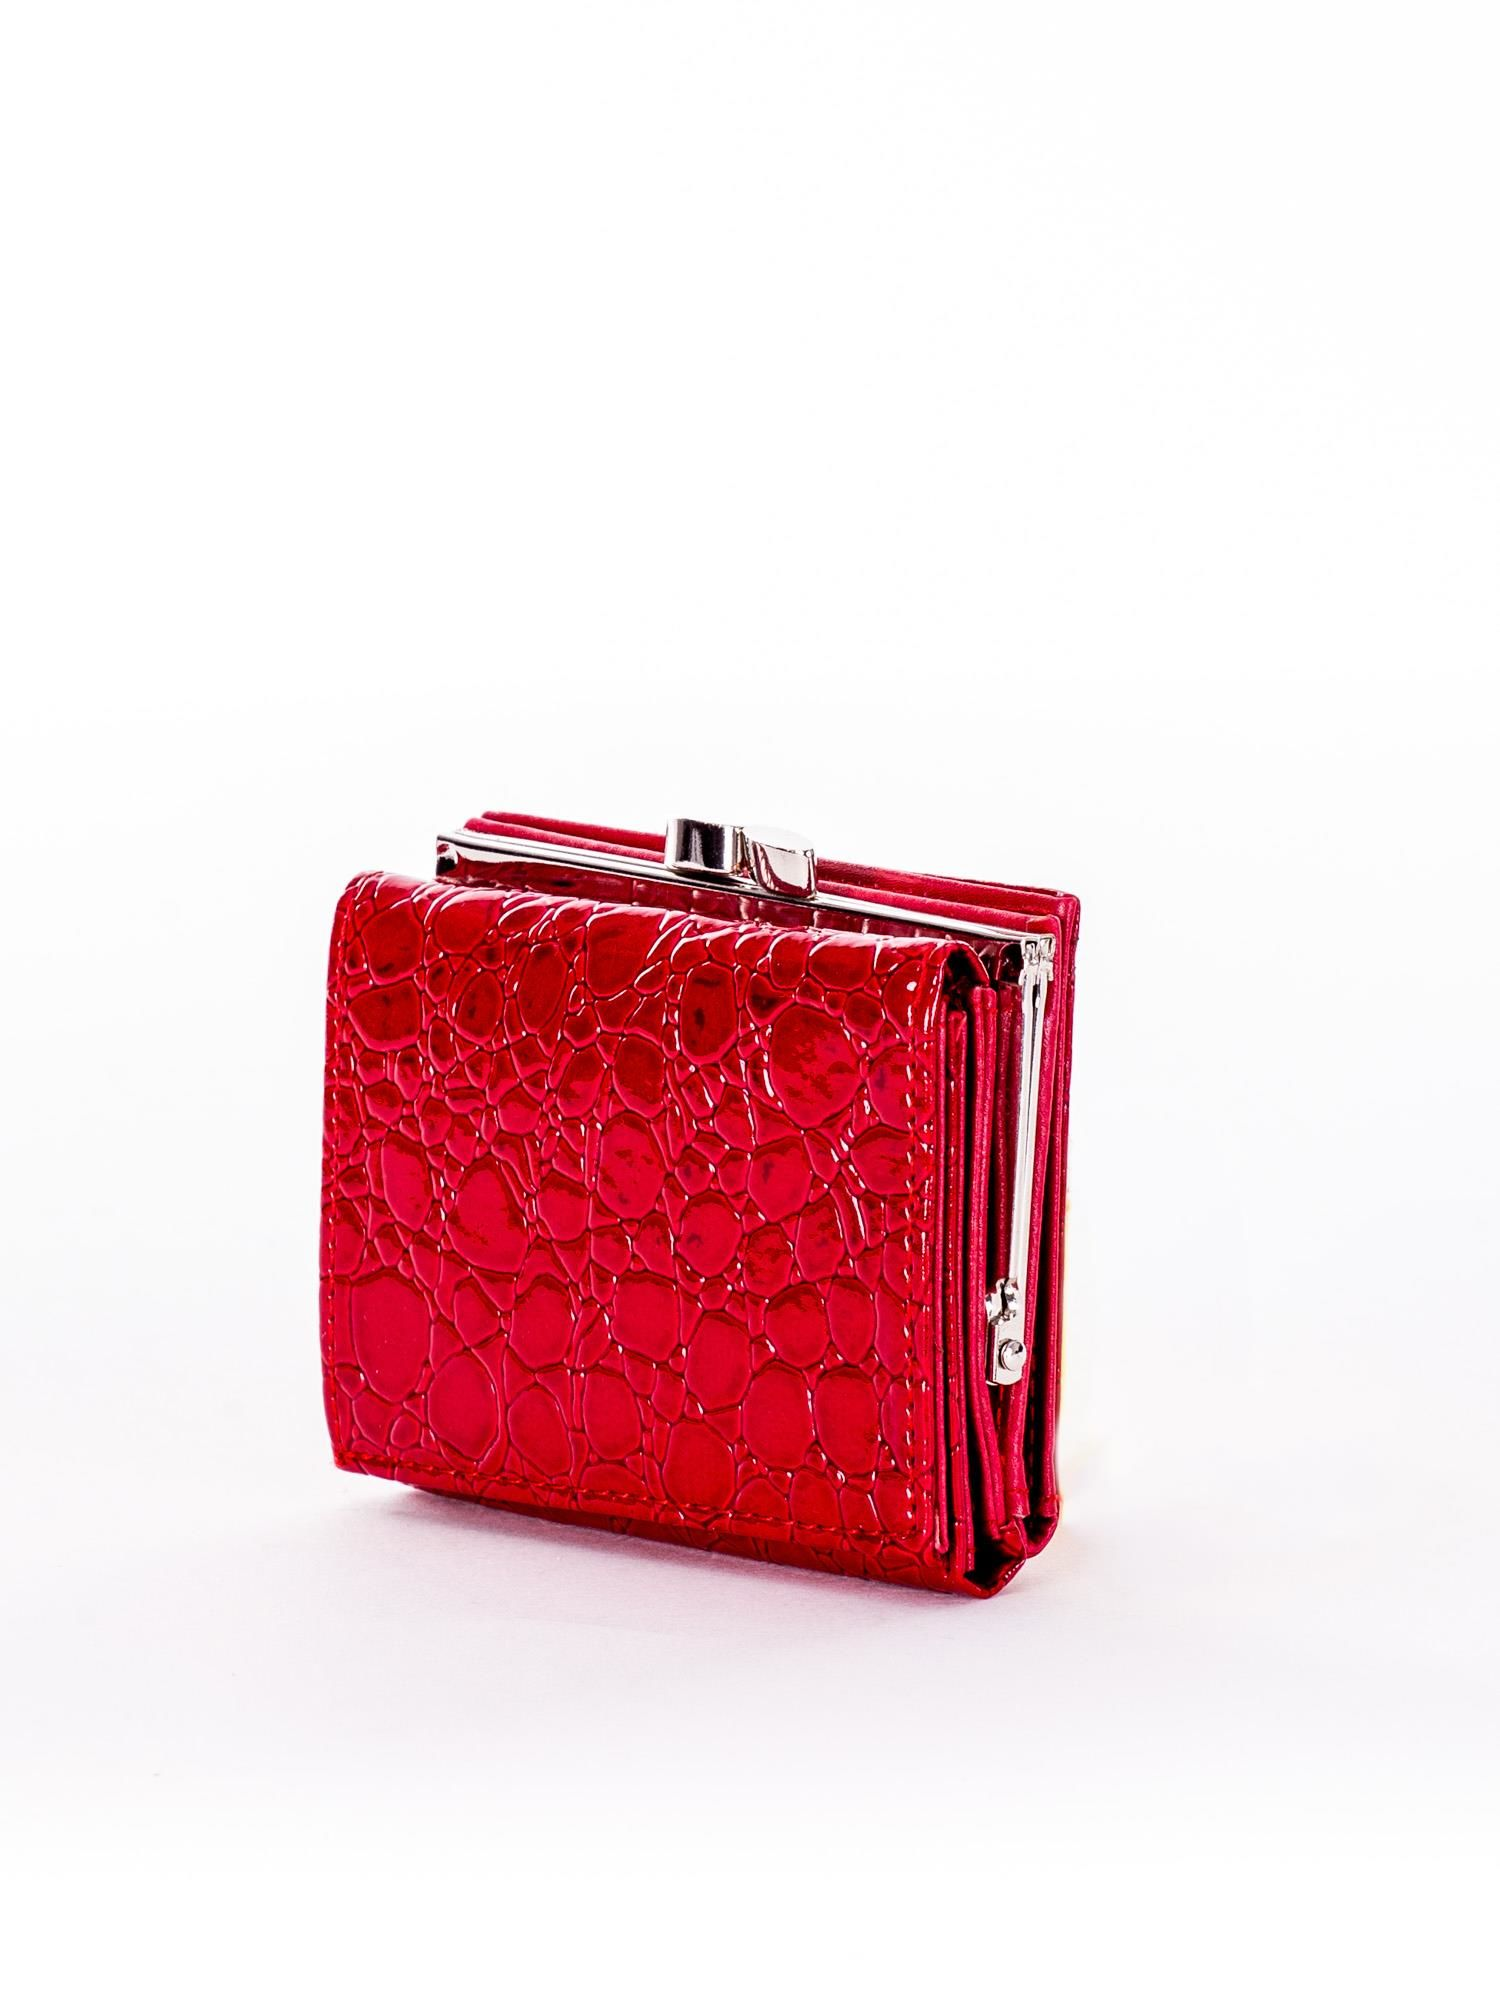 4ed1c6879 Czerwony tłoczony portfel ze skóry ekologicznej - Akcesoria portfele -  sklep eButik.pl